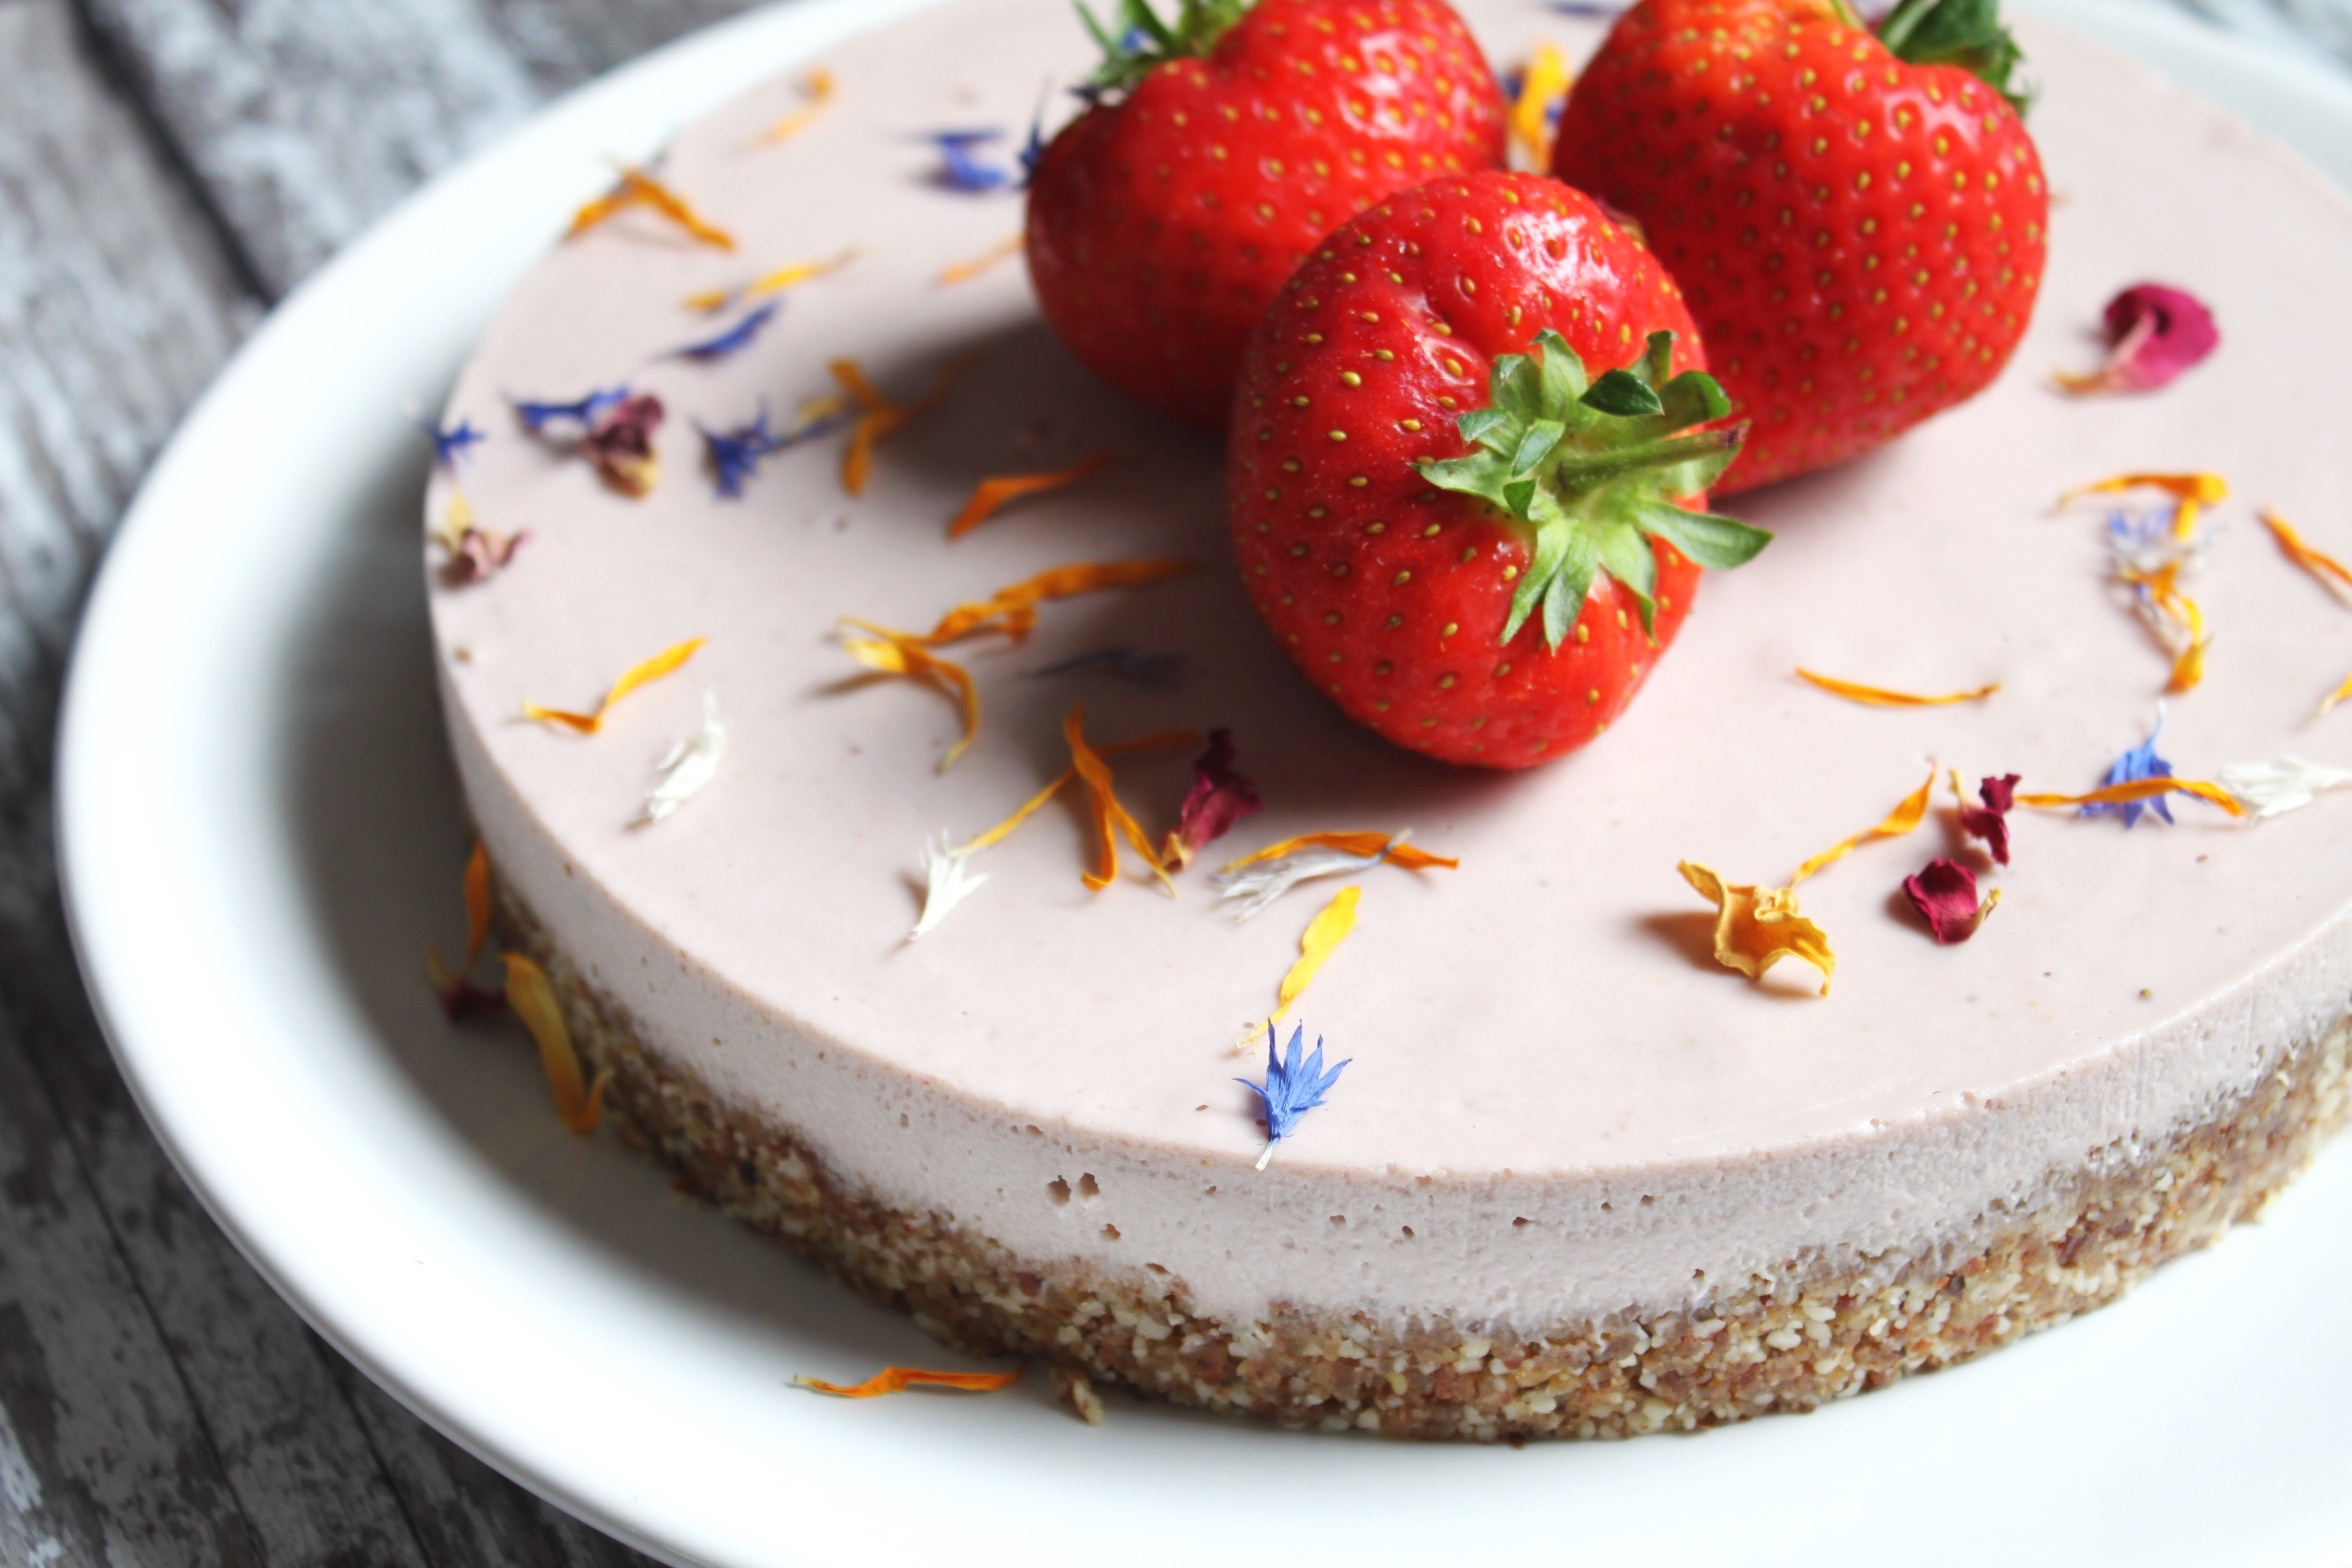 Strawberry+Cheesecake+Vegan+Nourish+by+Rebecca.jpg